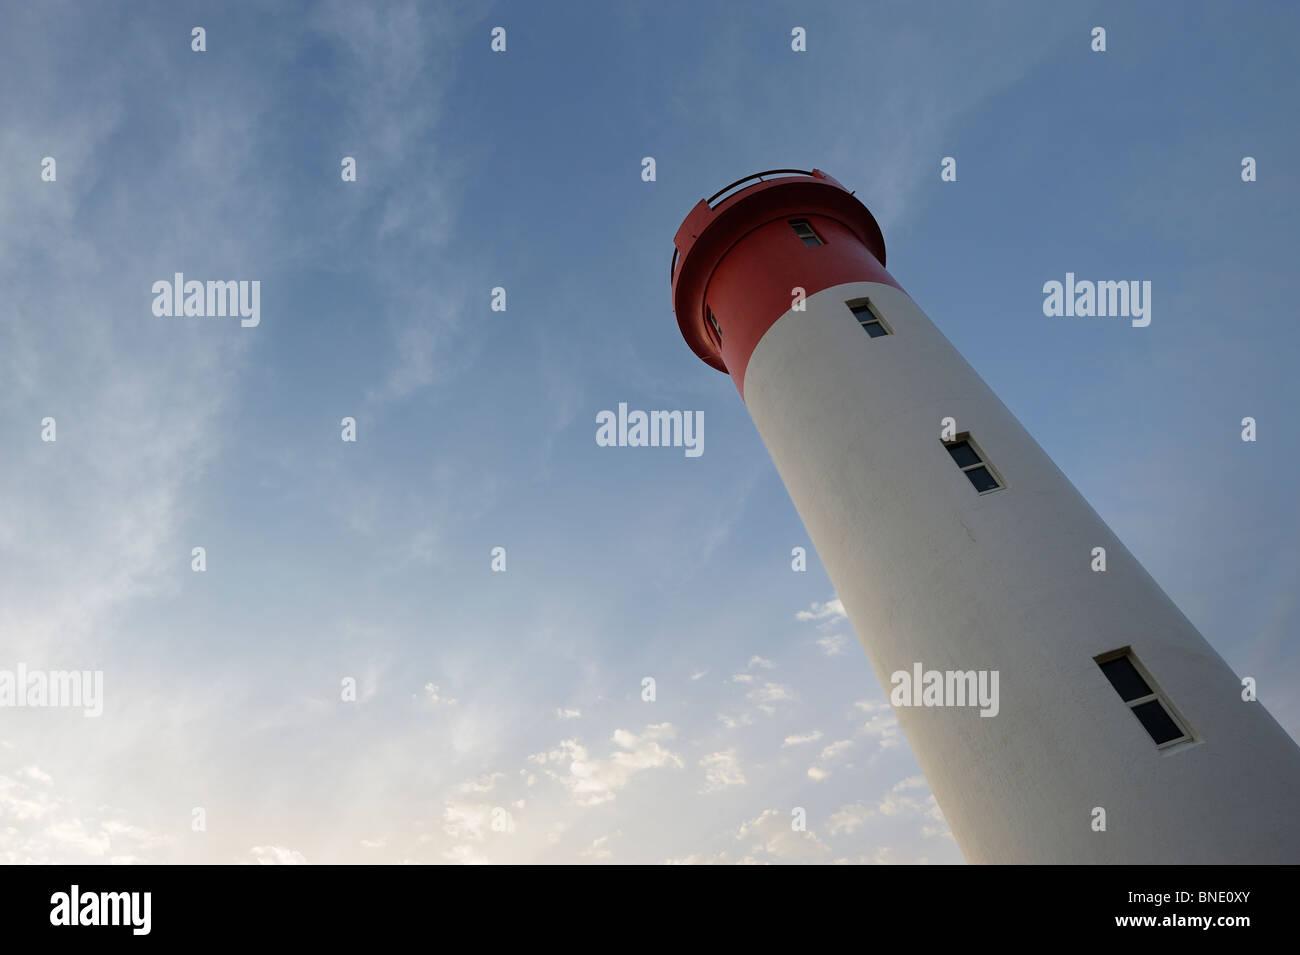 Lighthouse at Umhlanga Rocks Durban, Kwazulu Natal, South Africa - Stock Image